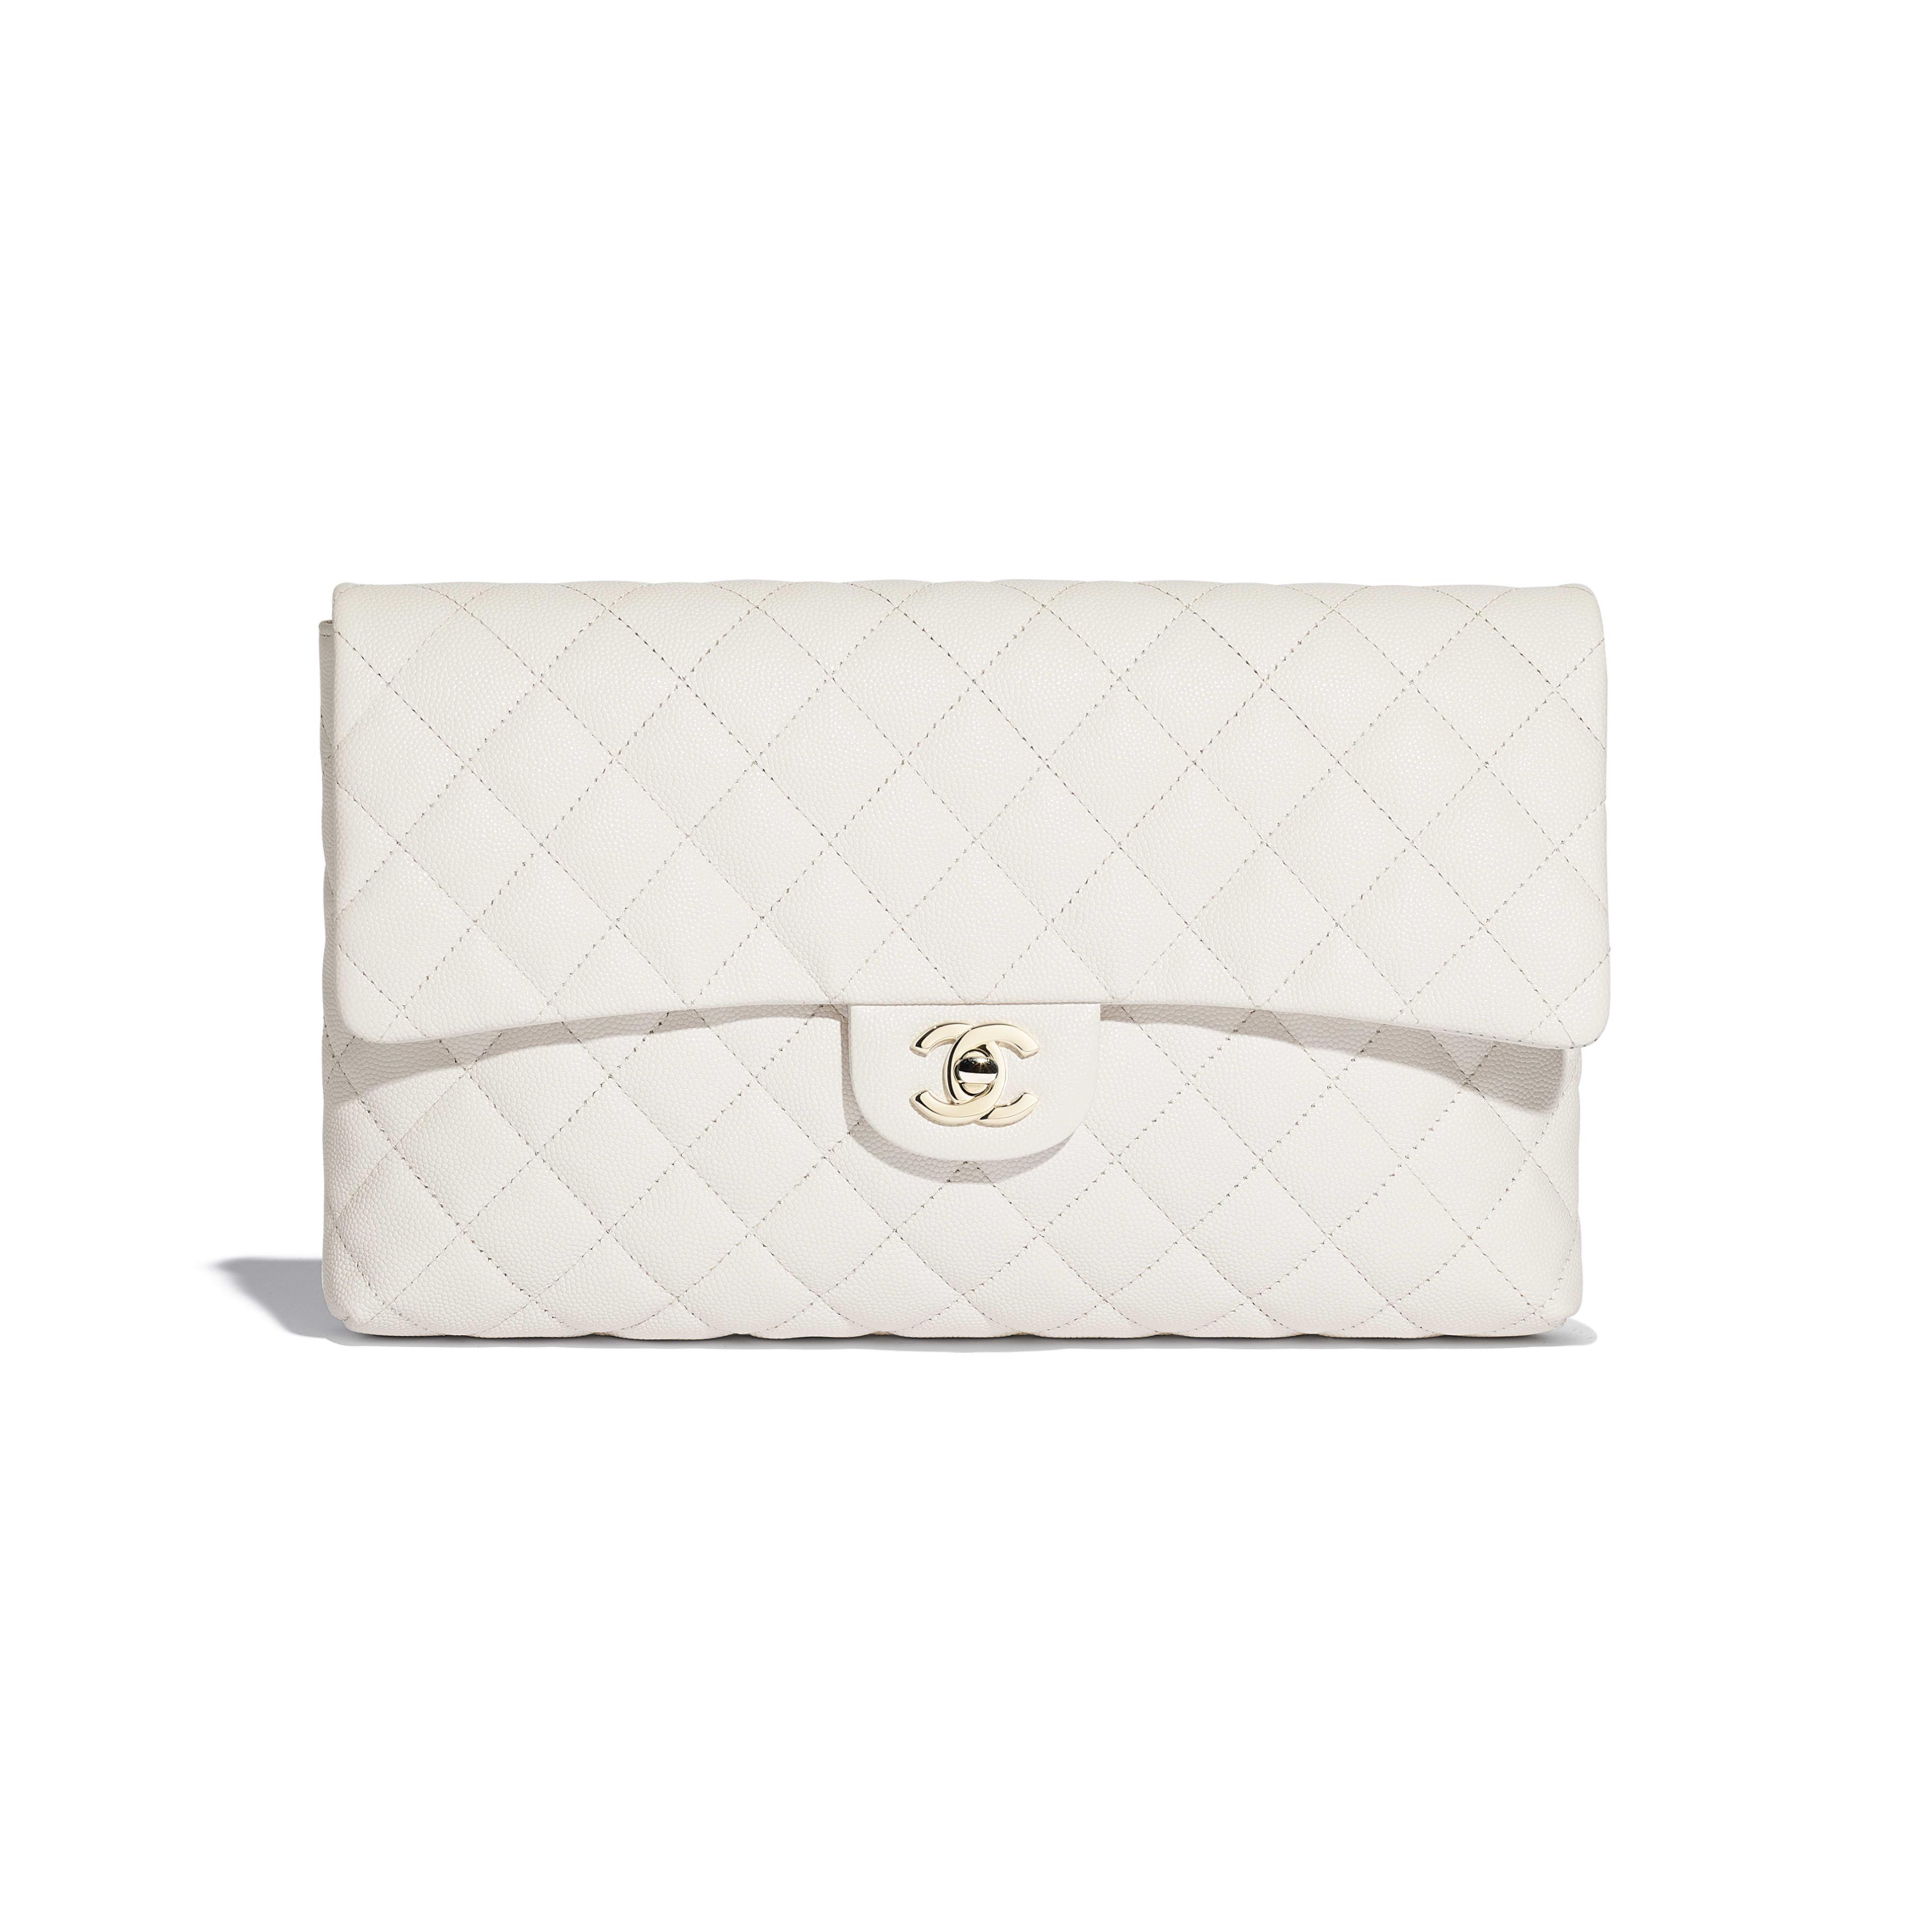 กระเป๋าคลัทช์ - สีขาว - หนังลูกวัวลายเกรน, โลหะสีทอง - มุมมองปัจจุบัน - ดูเวอร์ชันขนาดเต็ม